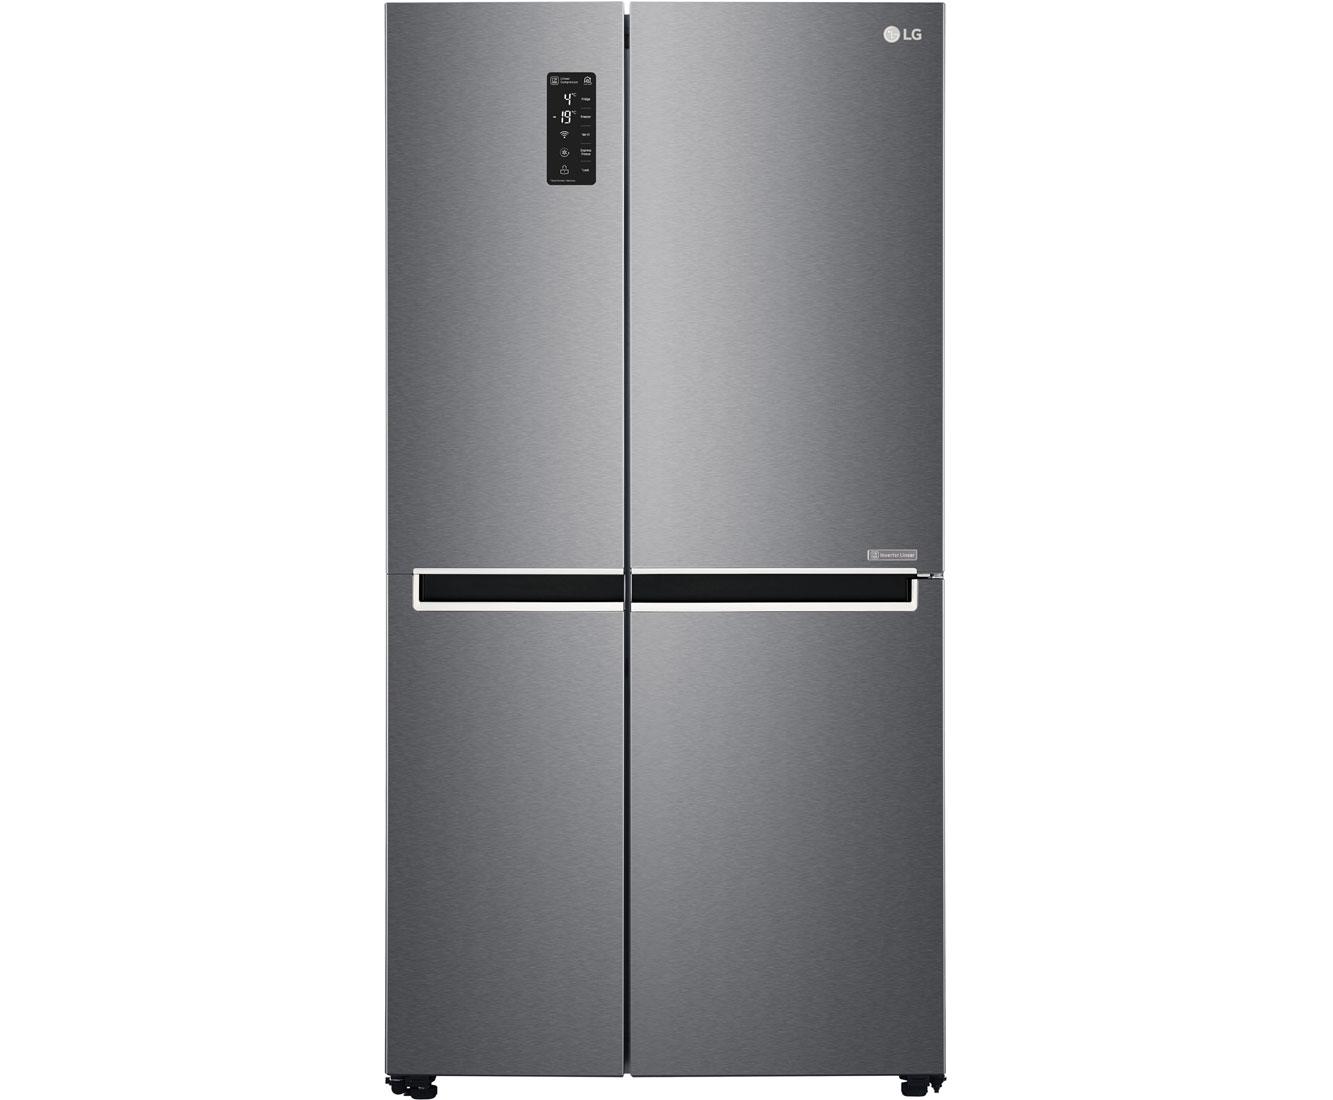 Side By Side Kühlschrank Gewicht : Side by side kühlschrank preisvergleich u2022 die besten angebote online